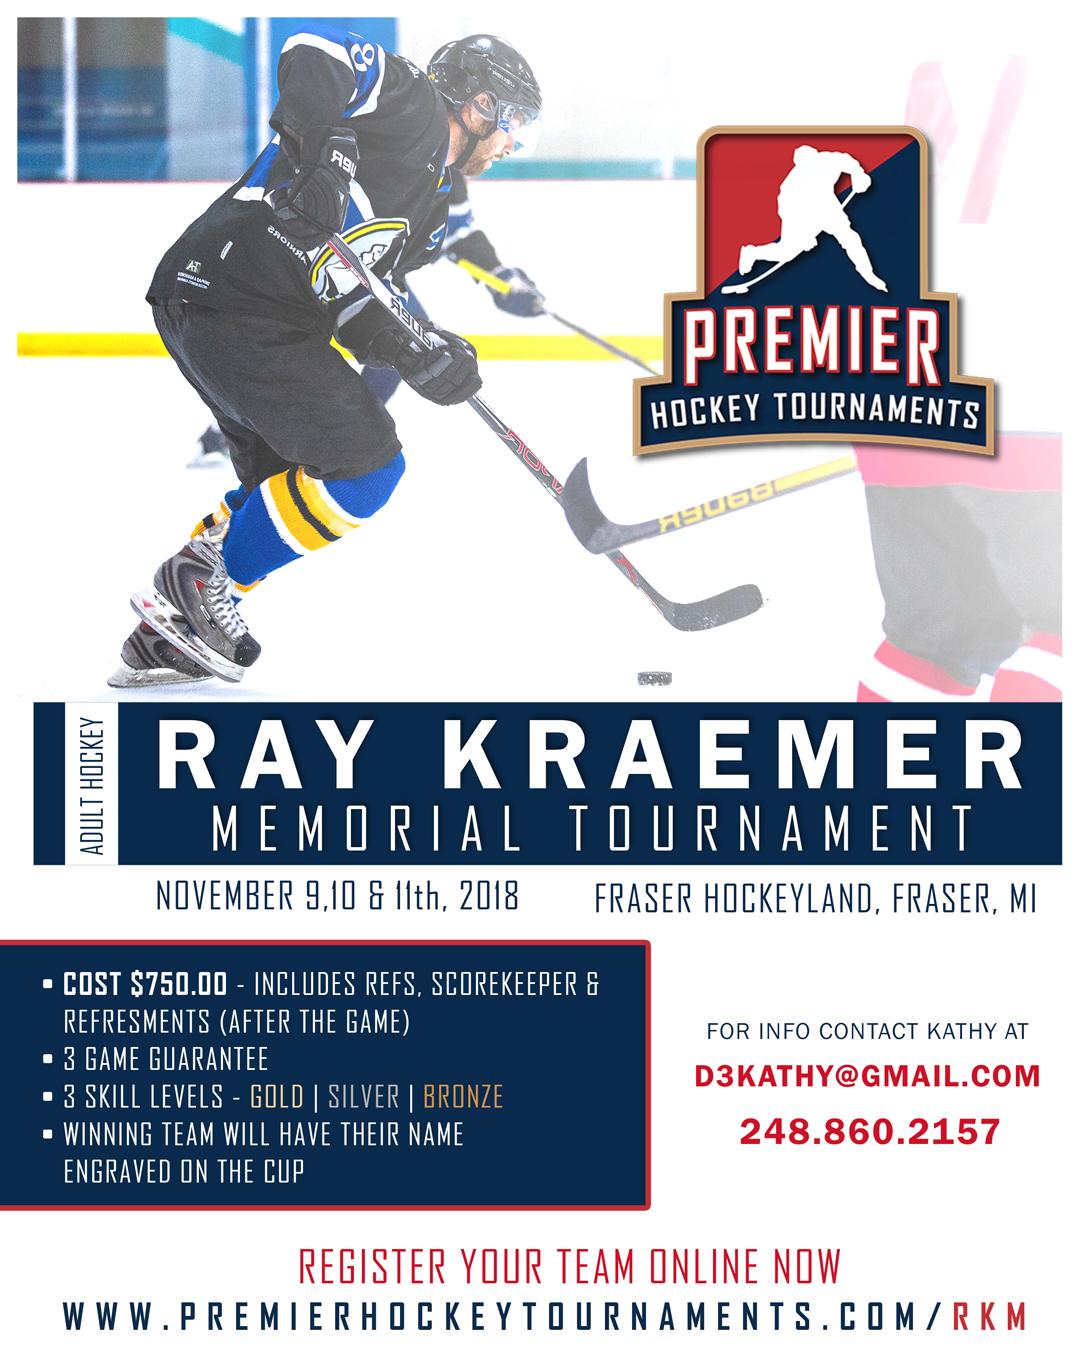 Ray Kraemer Memorial Tournament